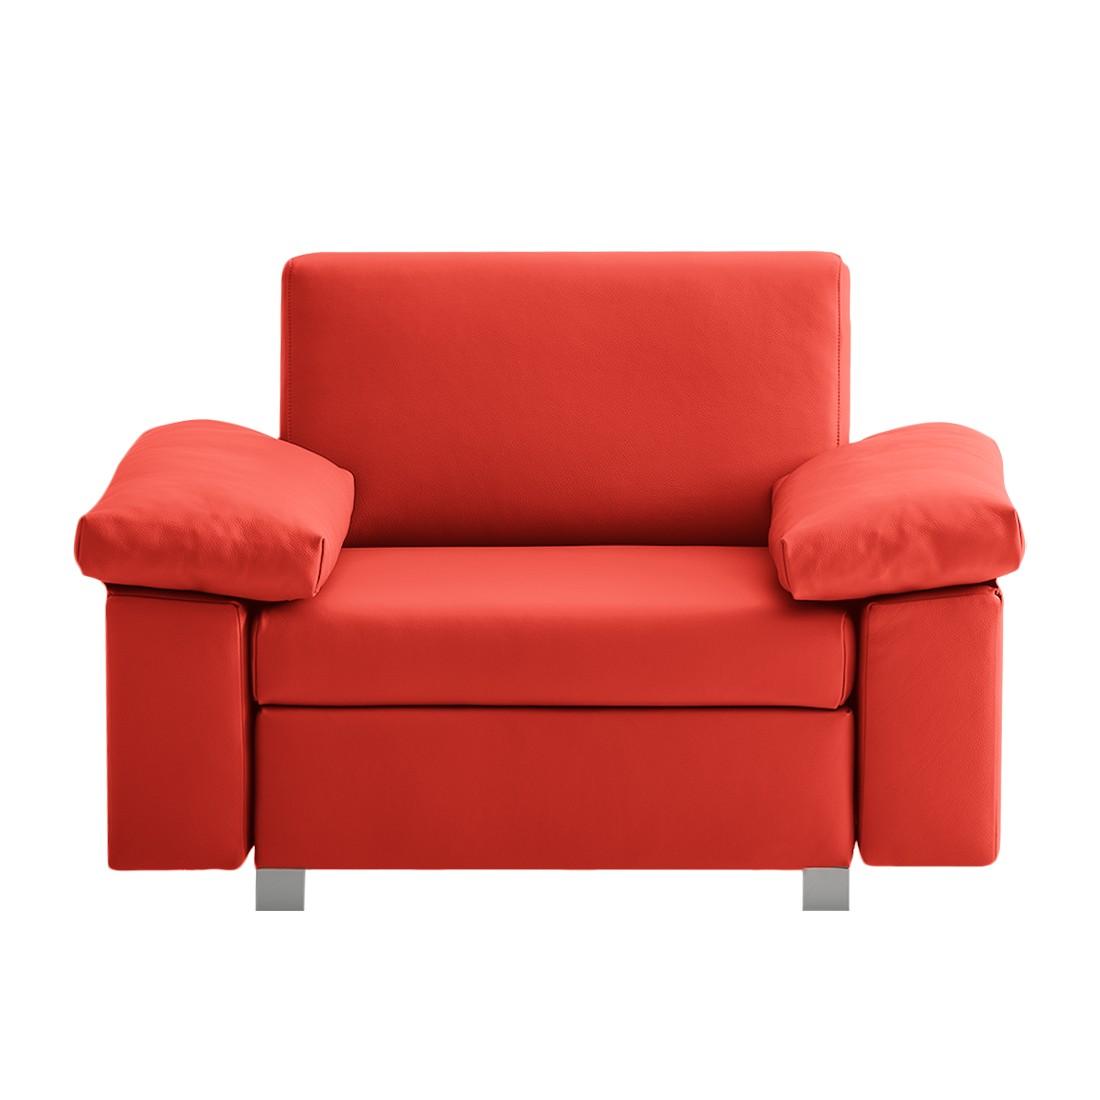 goedkoop Slaapfauteuil Plaza echt leer Rood Opklapbare armleuningen chillout by Franz Fertig